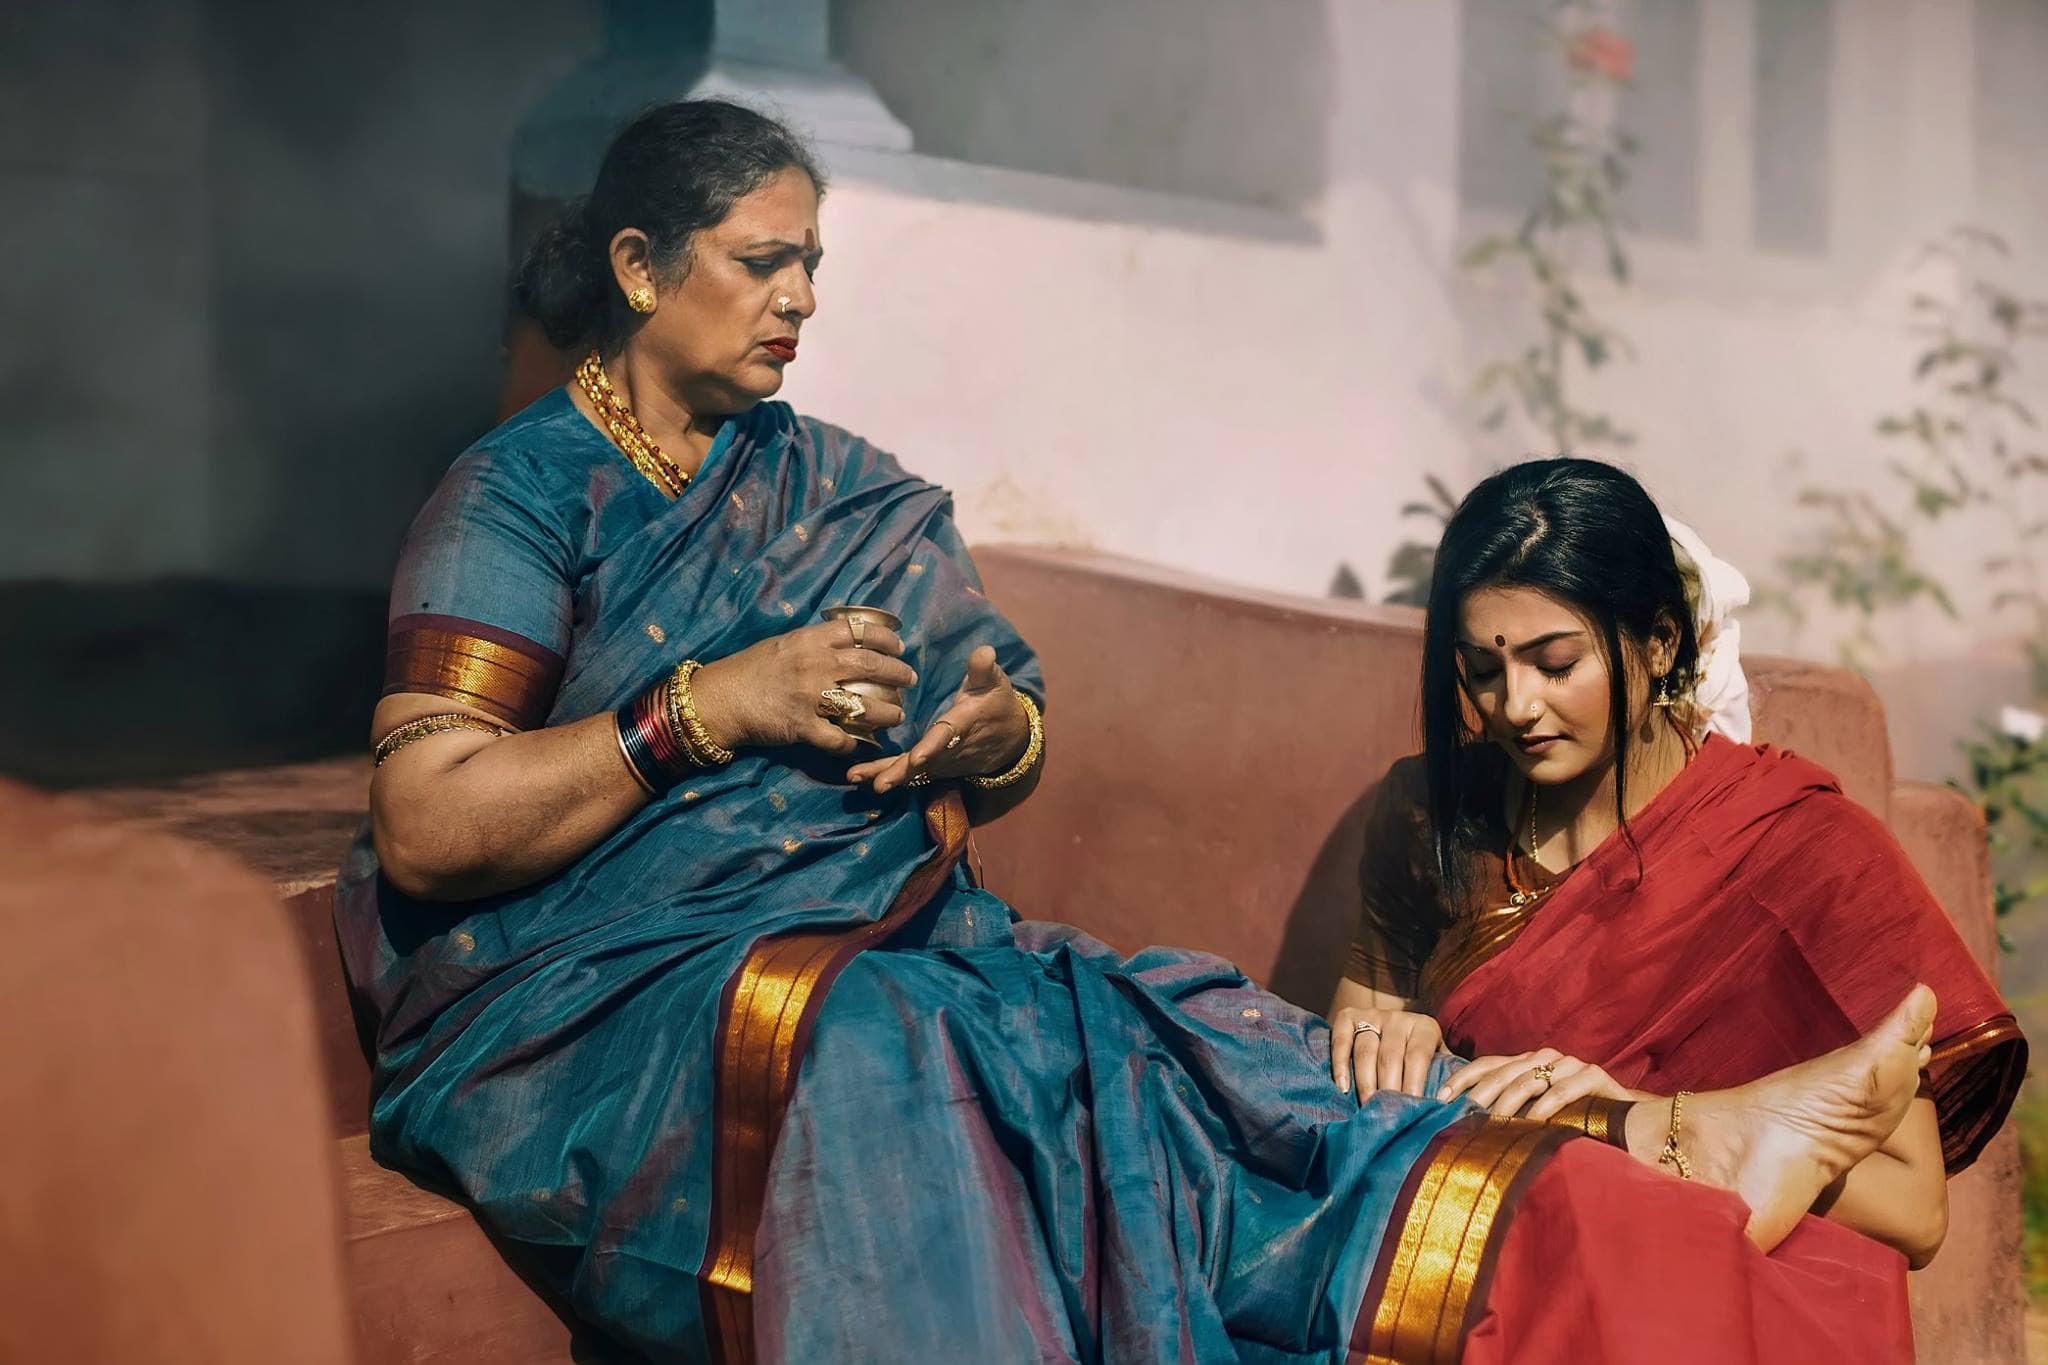 An-Award-winning-photo-story-Avani-By-Arjun-Kamath-9